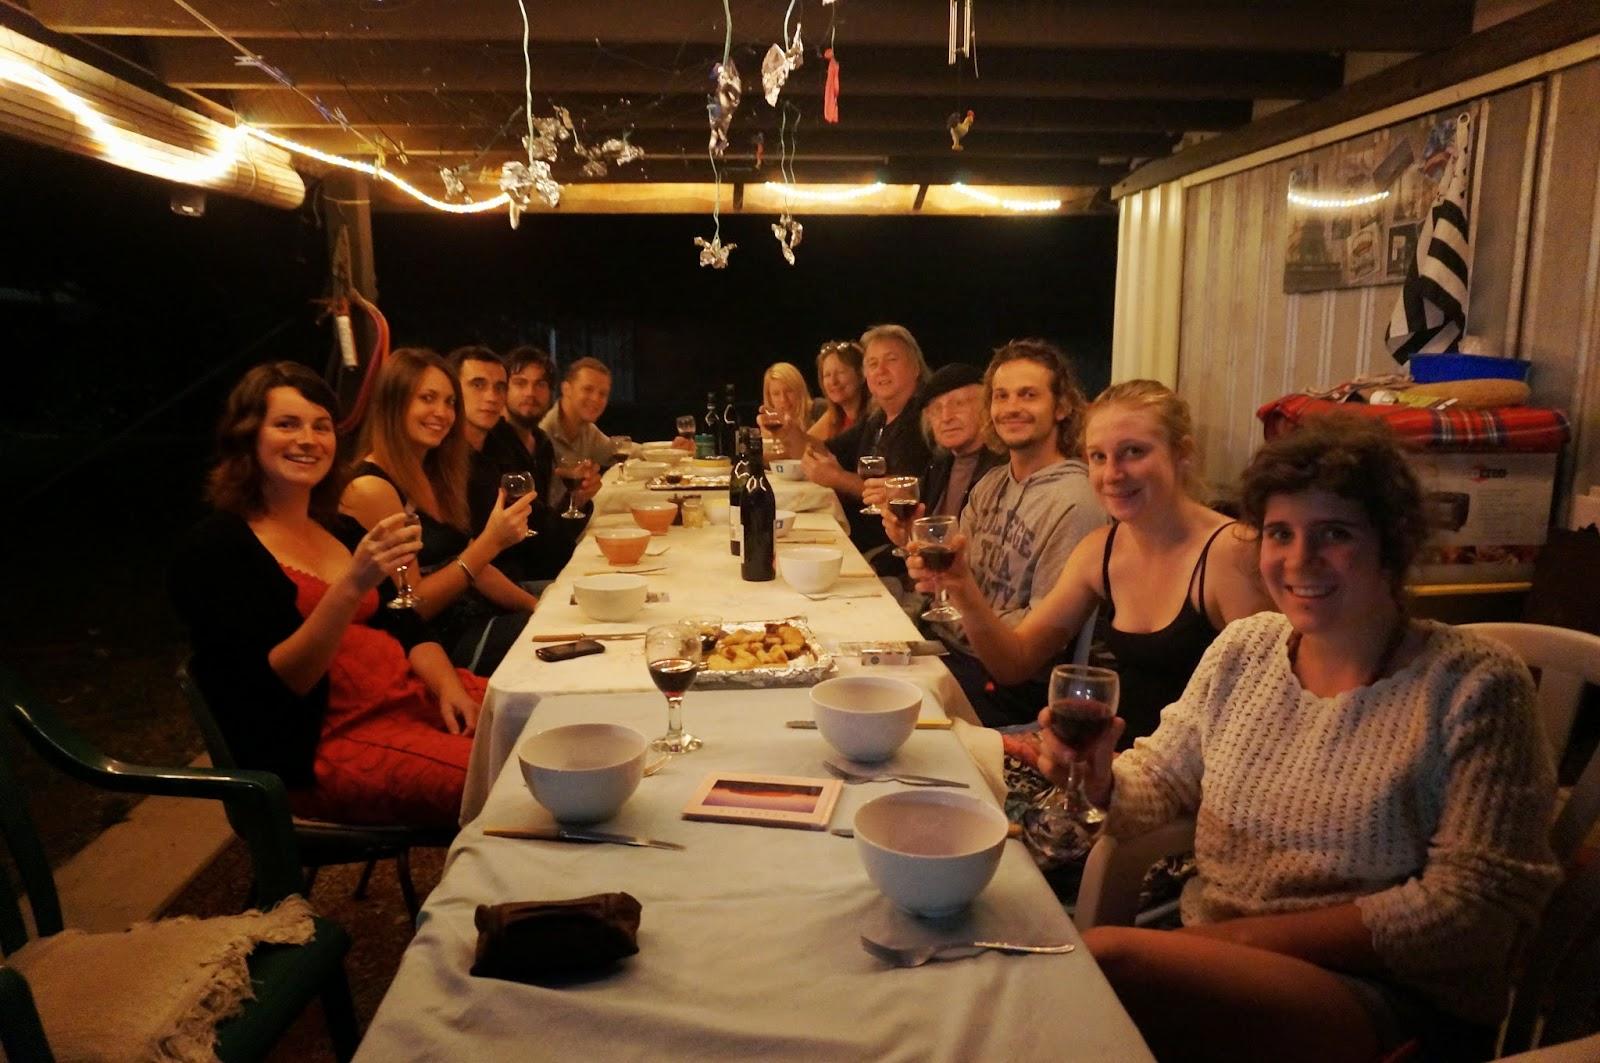 Juju and nina australia travel grosse migale dqns la - Cuisinez avec notre famille ...